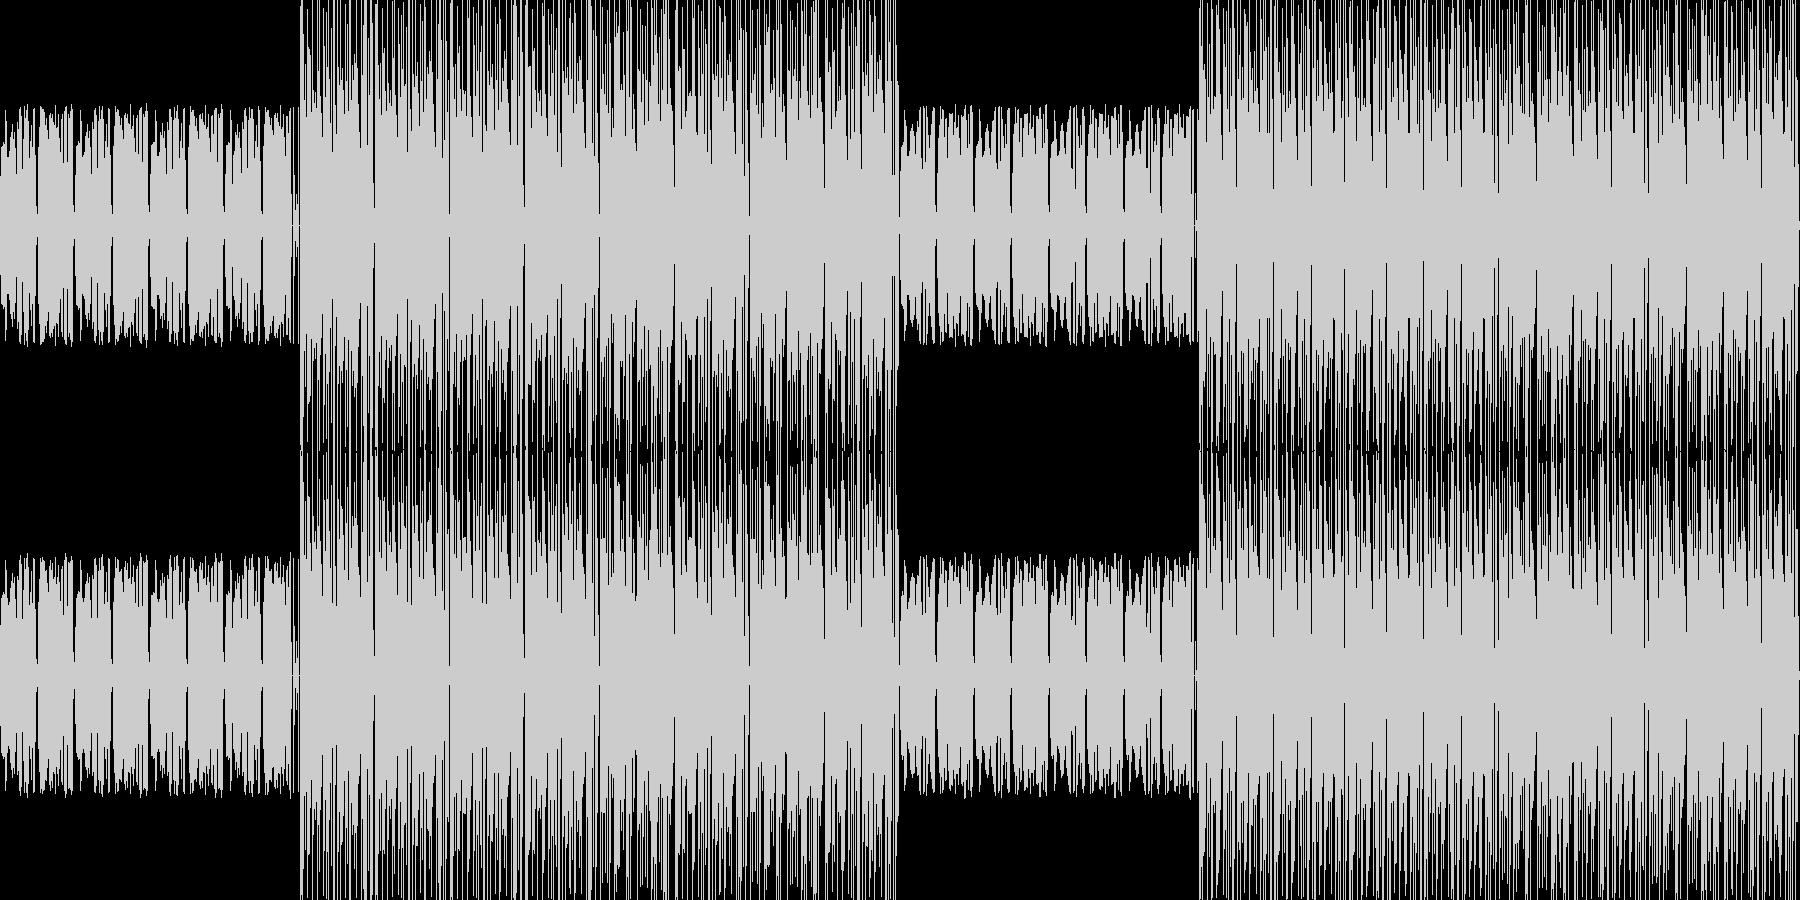 【アップテンポわくわくピアノJAZZ】の未再生の波形